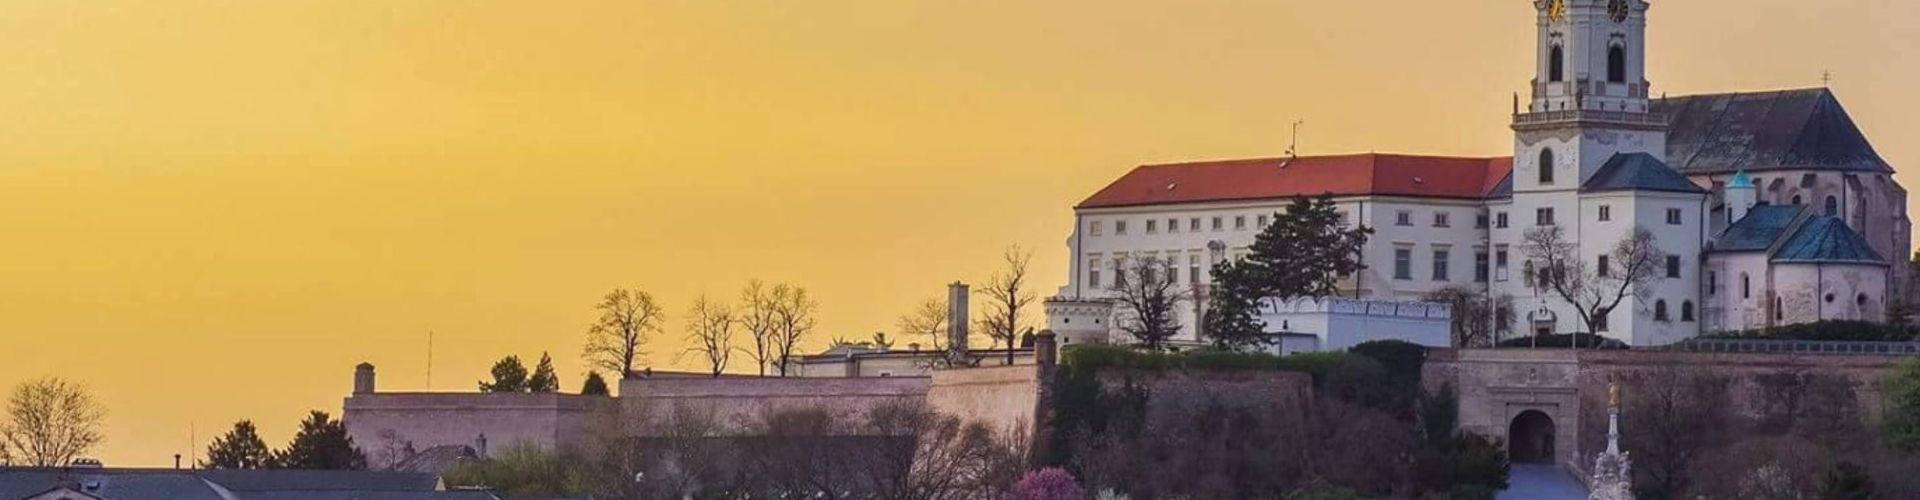 Словацький агротехнічний (сільськогосподарський) університет у Нітрі